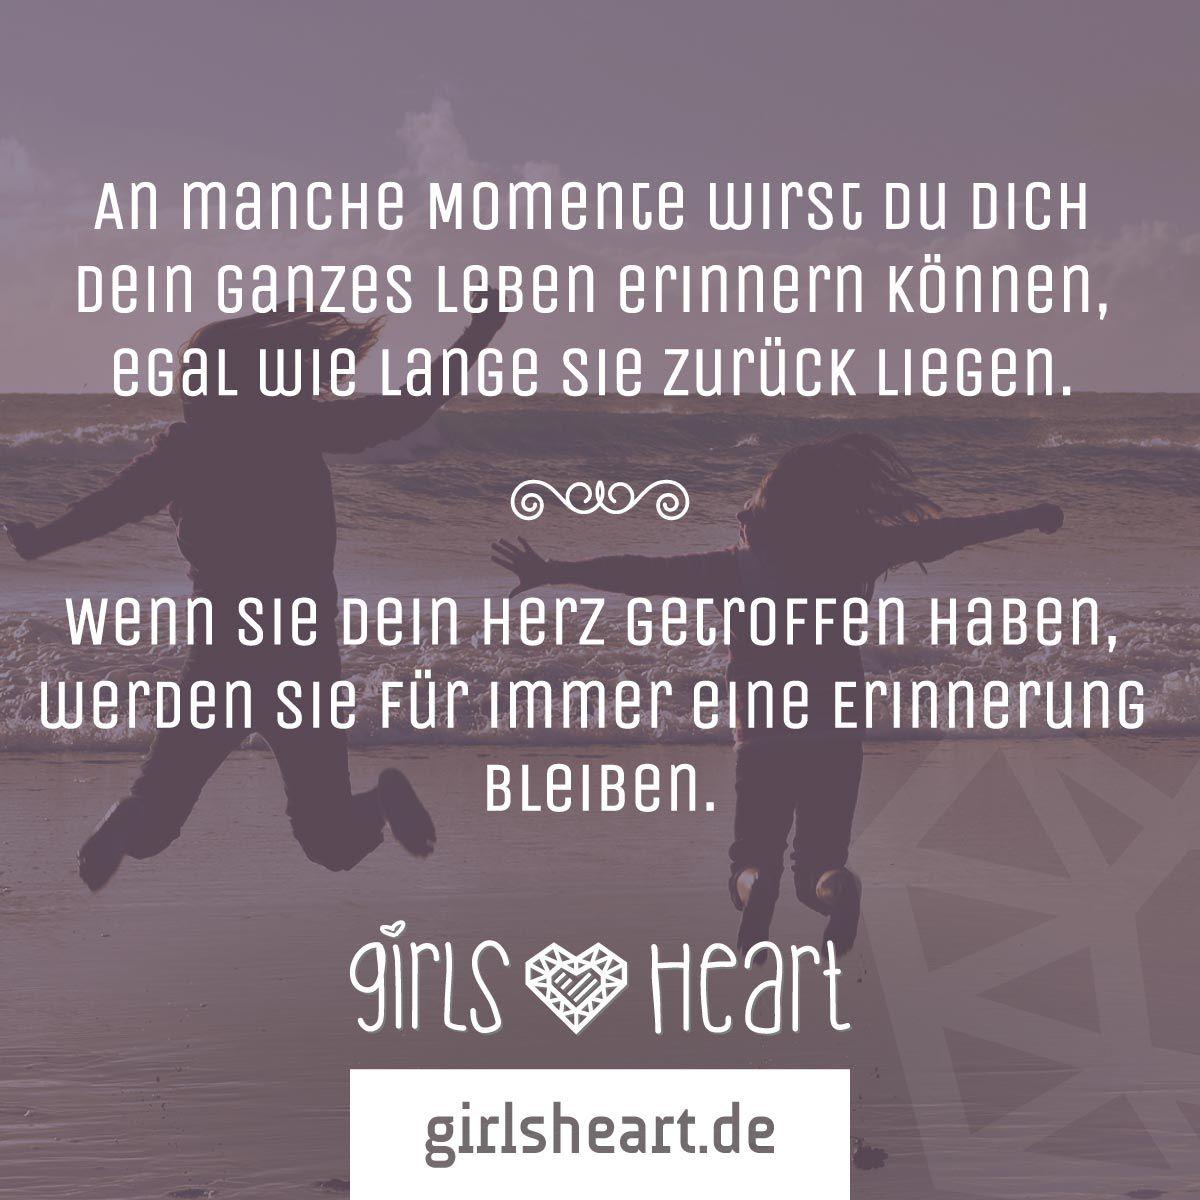 Macht Euch Schöne Erinnerungen Mehr Sprüche Auf Www Girlsheart De